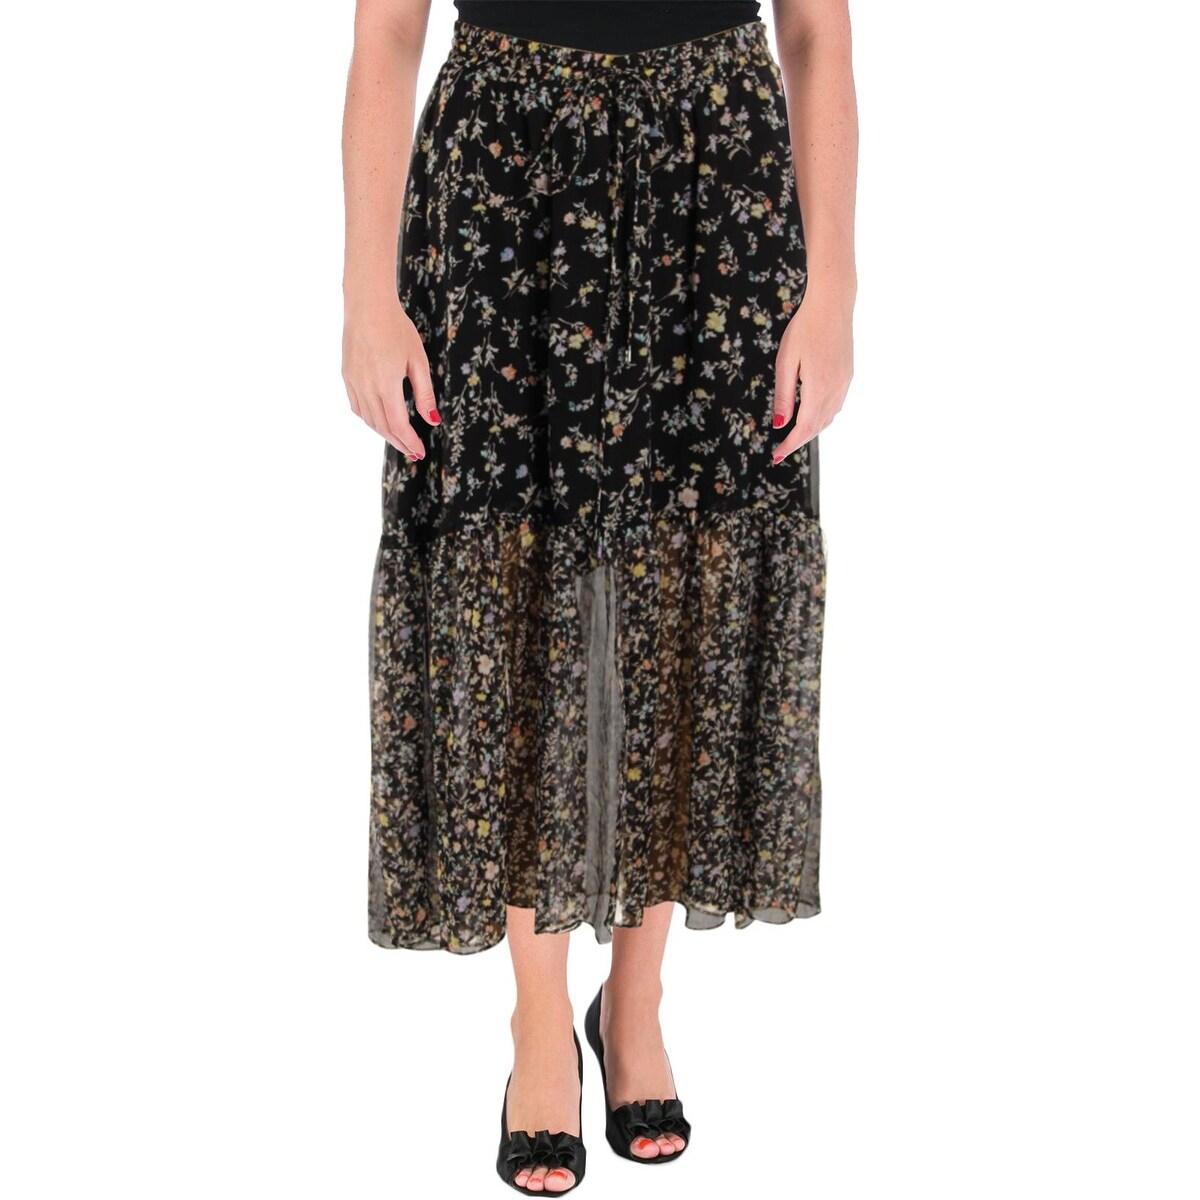 a75ea888e LAUREN Ralph Lauren Skirts | Find Great Women's Clothing Deals Shopping at  Overstock